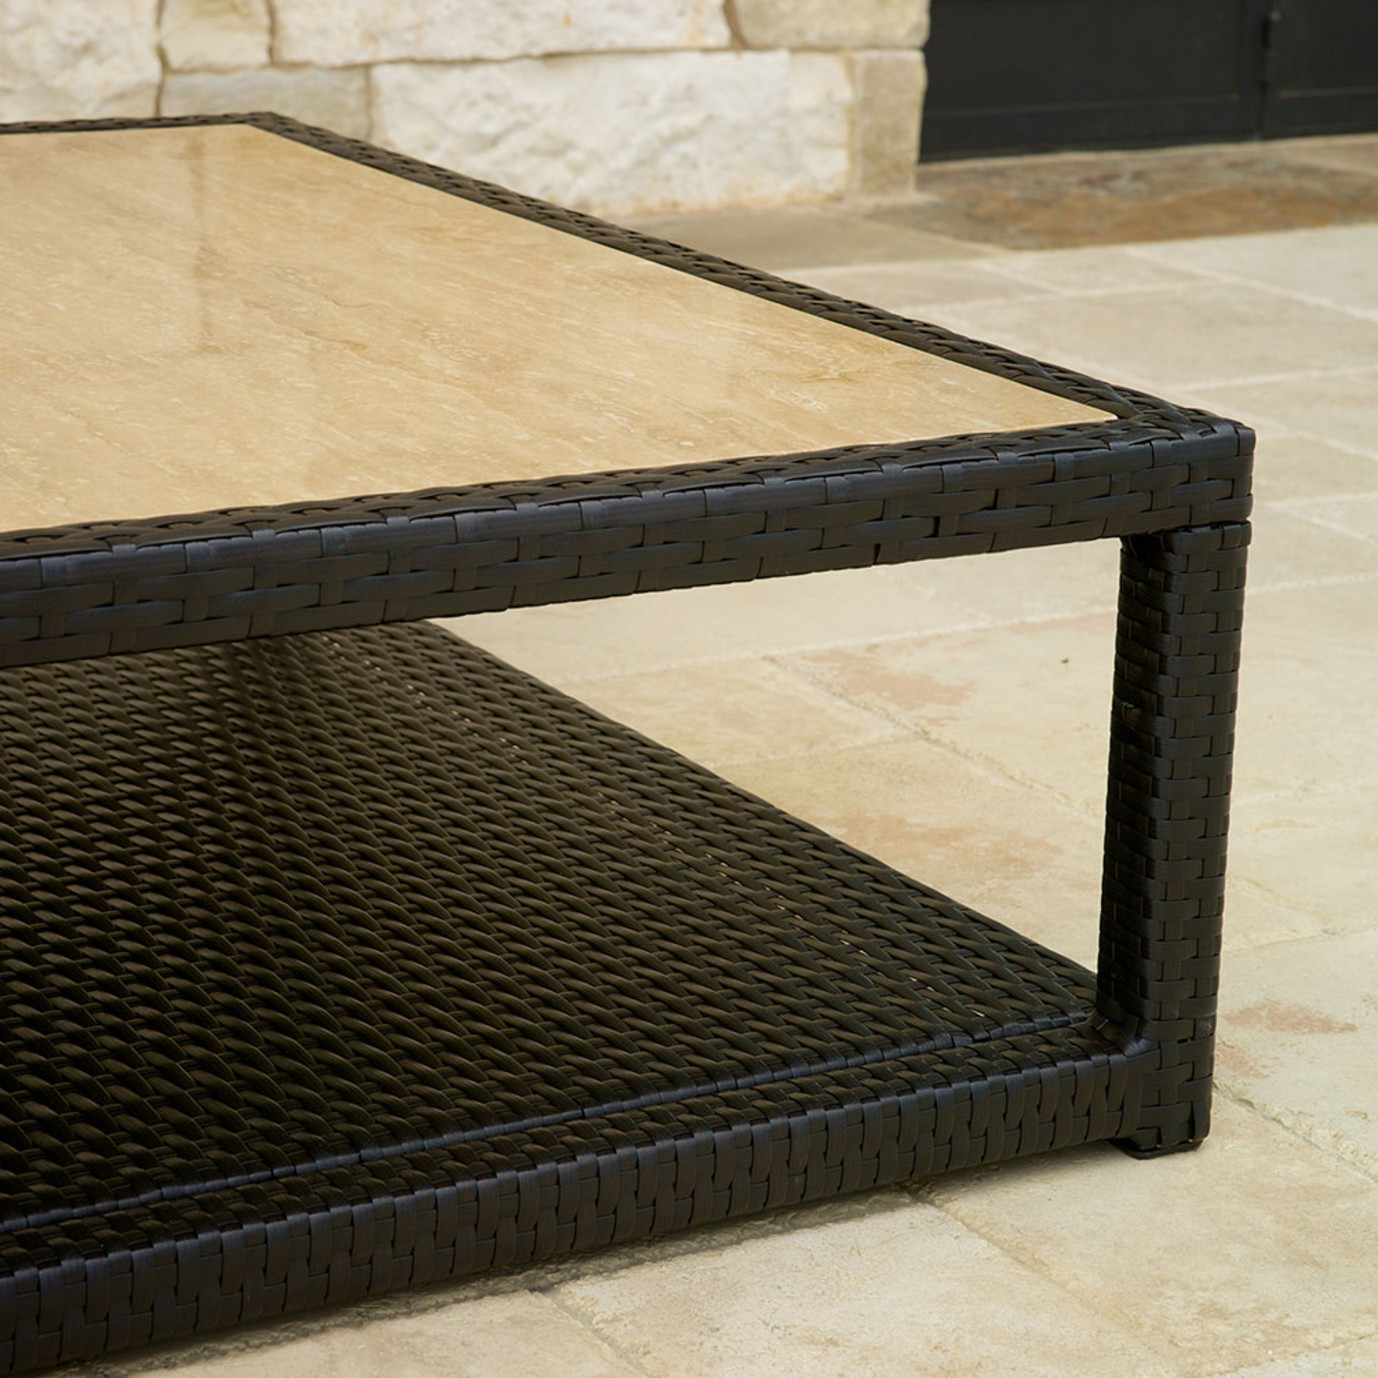 Portofino™ Comfort Stone Top Conversation Table - Espresso